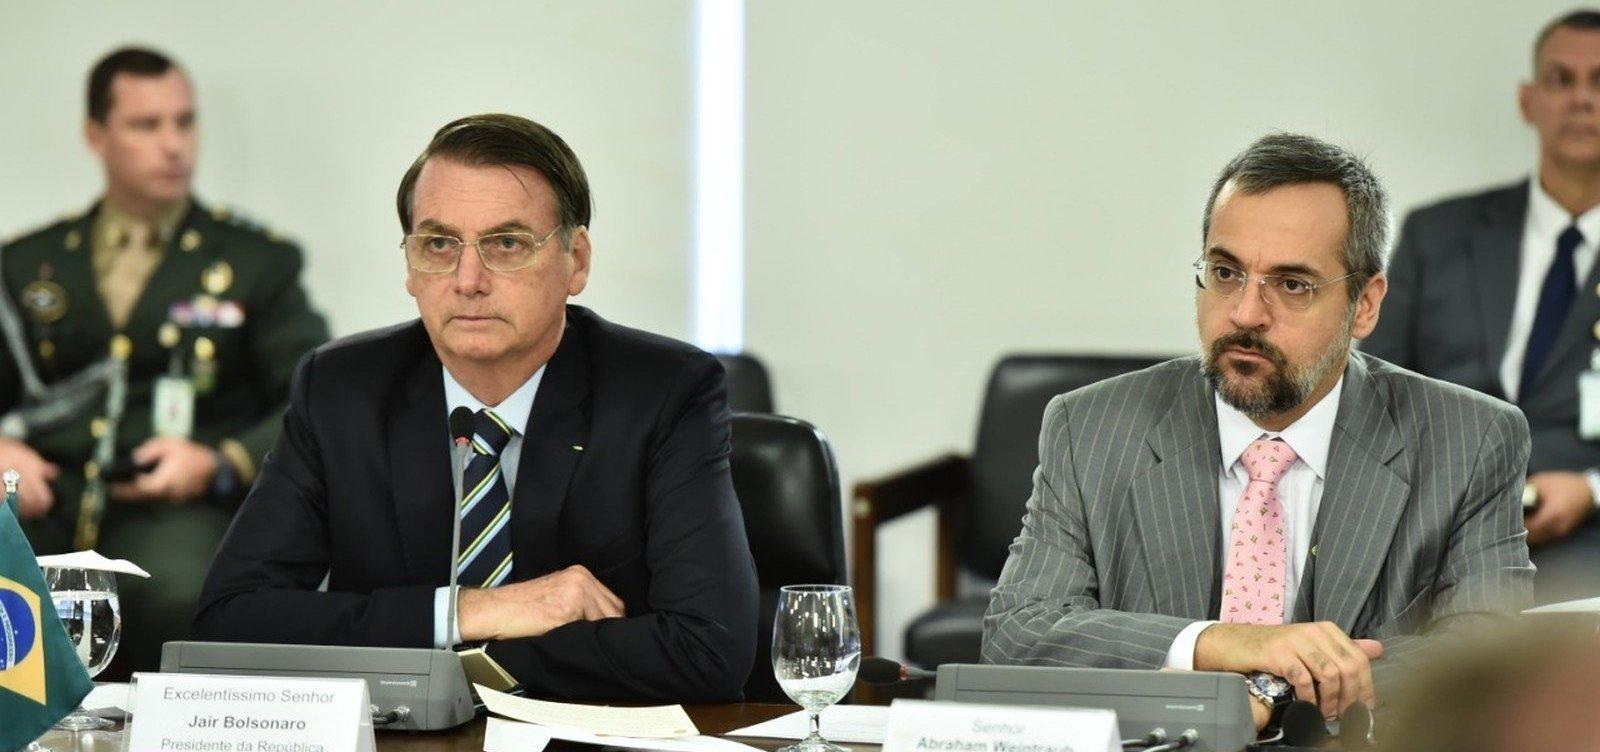 [Novo ministro da Educação toma posse e participa de primeira reunião ministerial ]